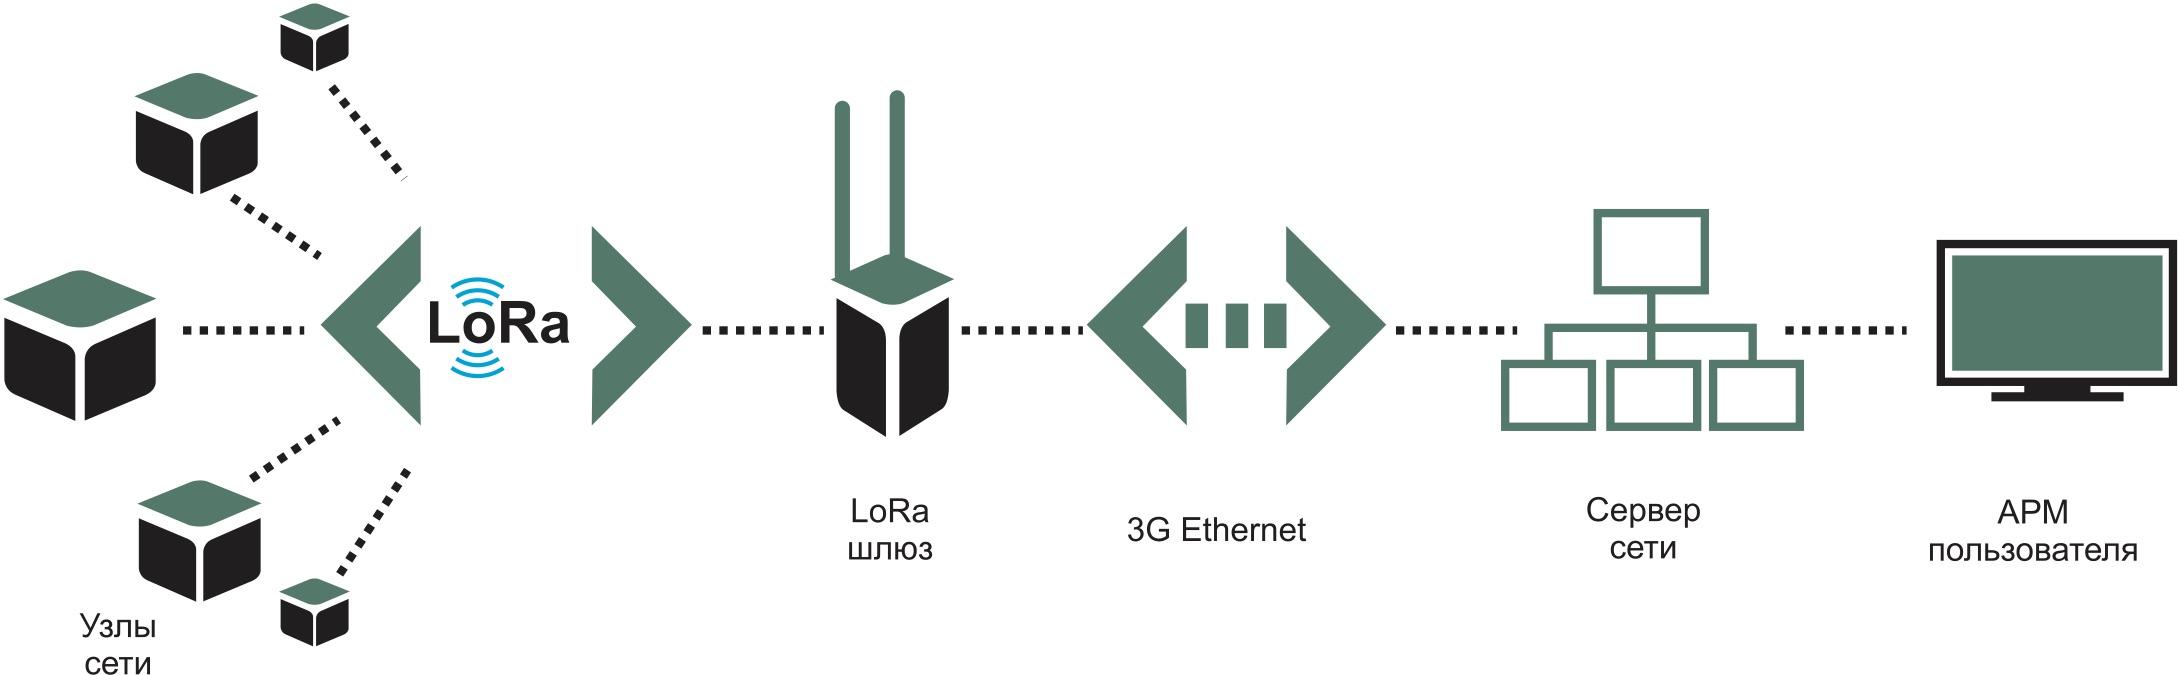 Упрощенная структура сети с использованием беспроводных датчиков на базе трансиверов LoRa